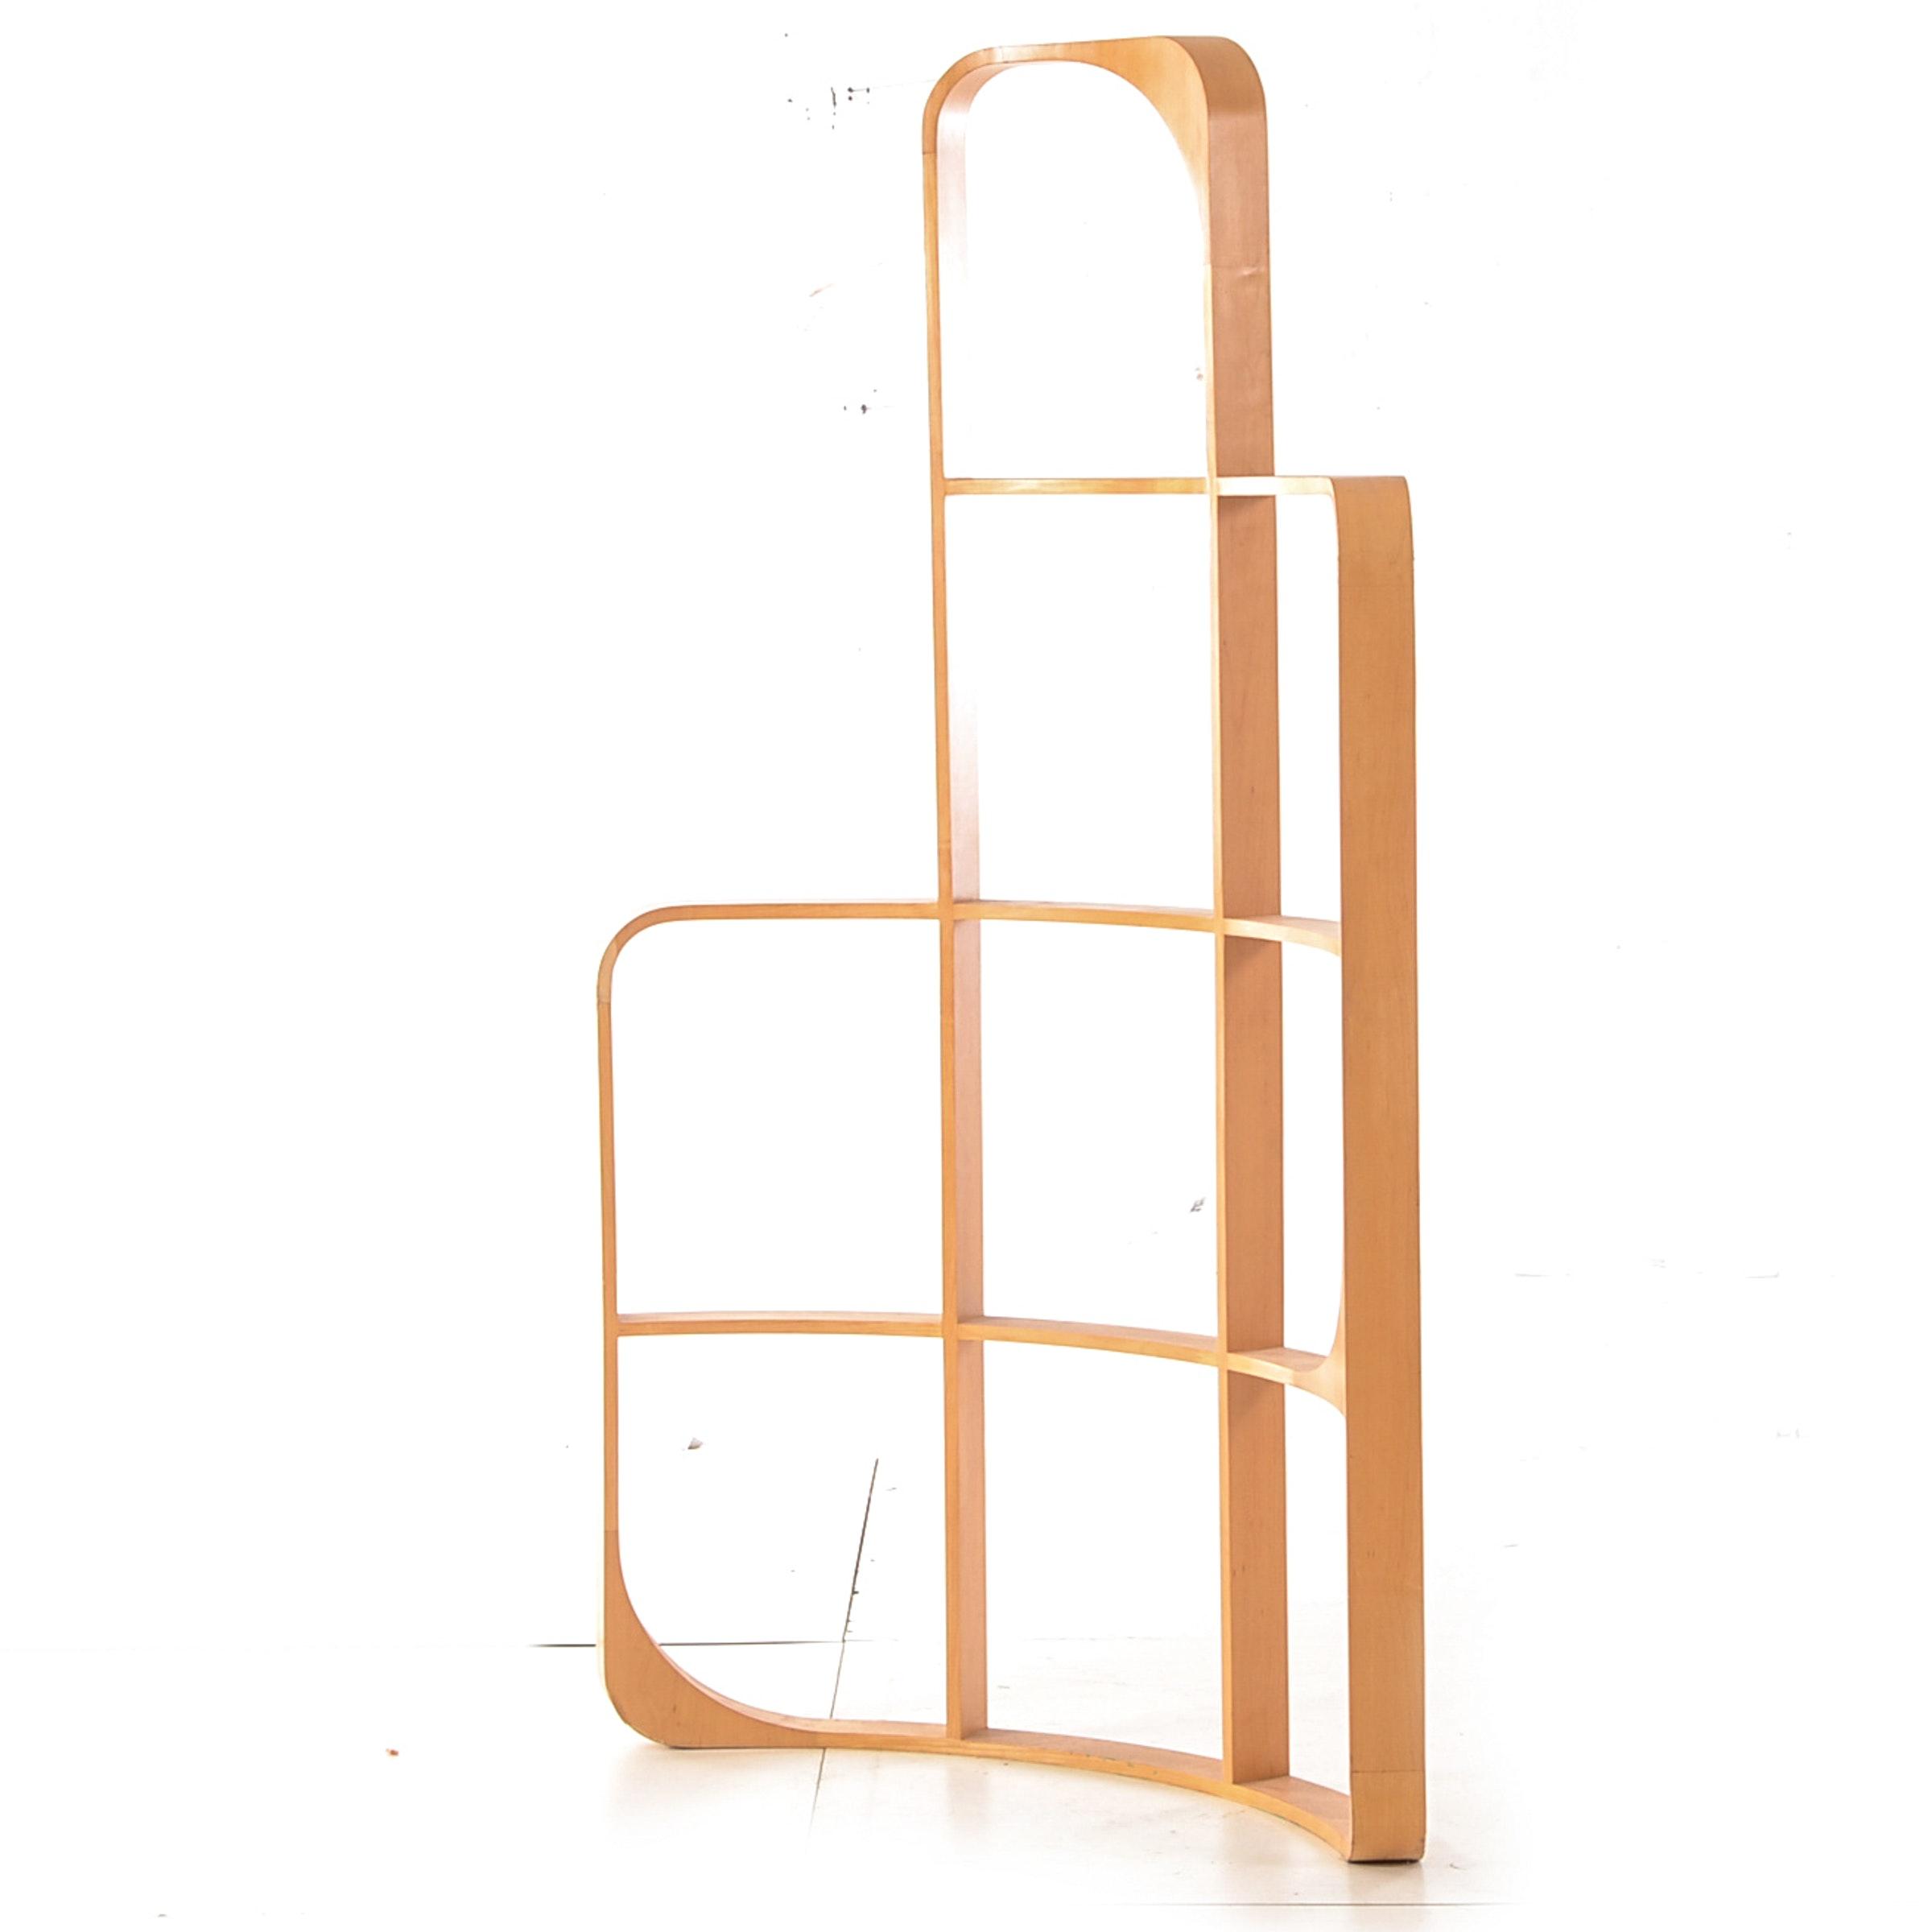 Curved Maple Framed Room Divider EBTH